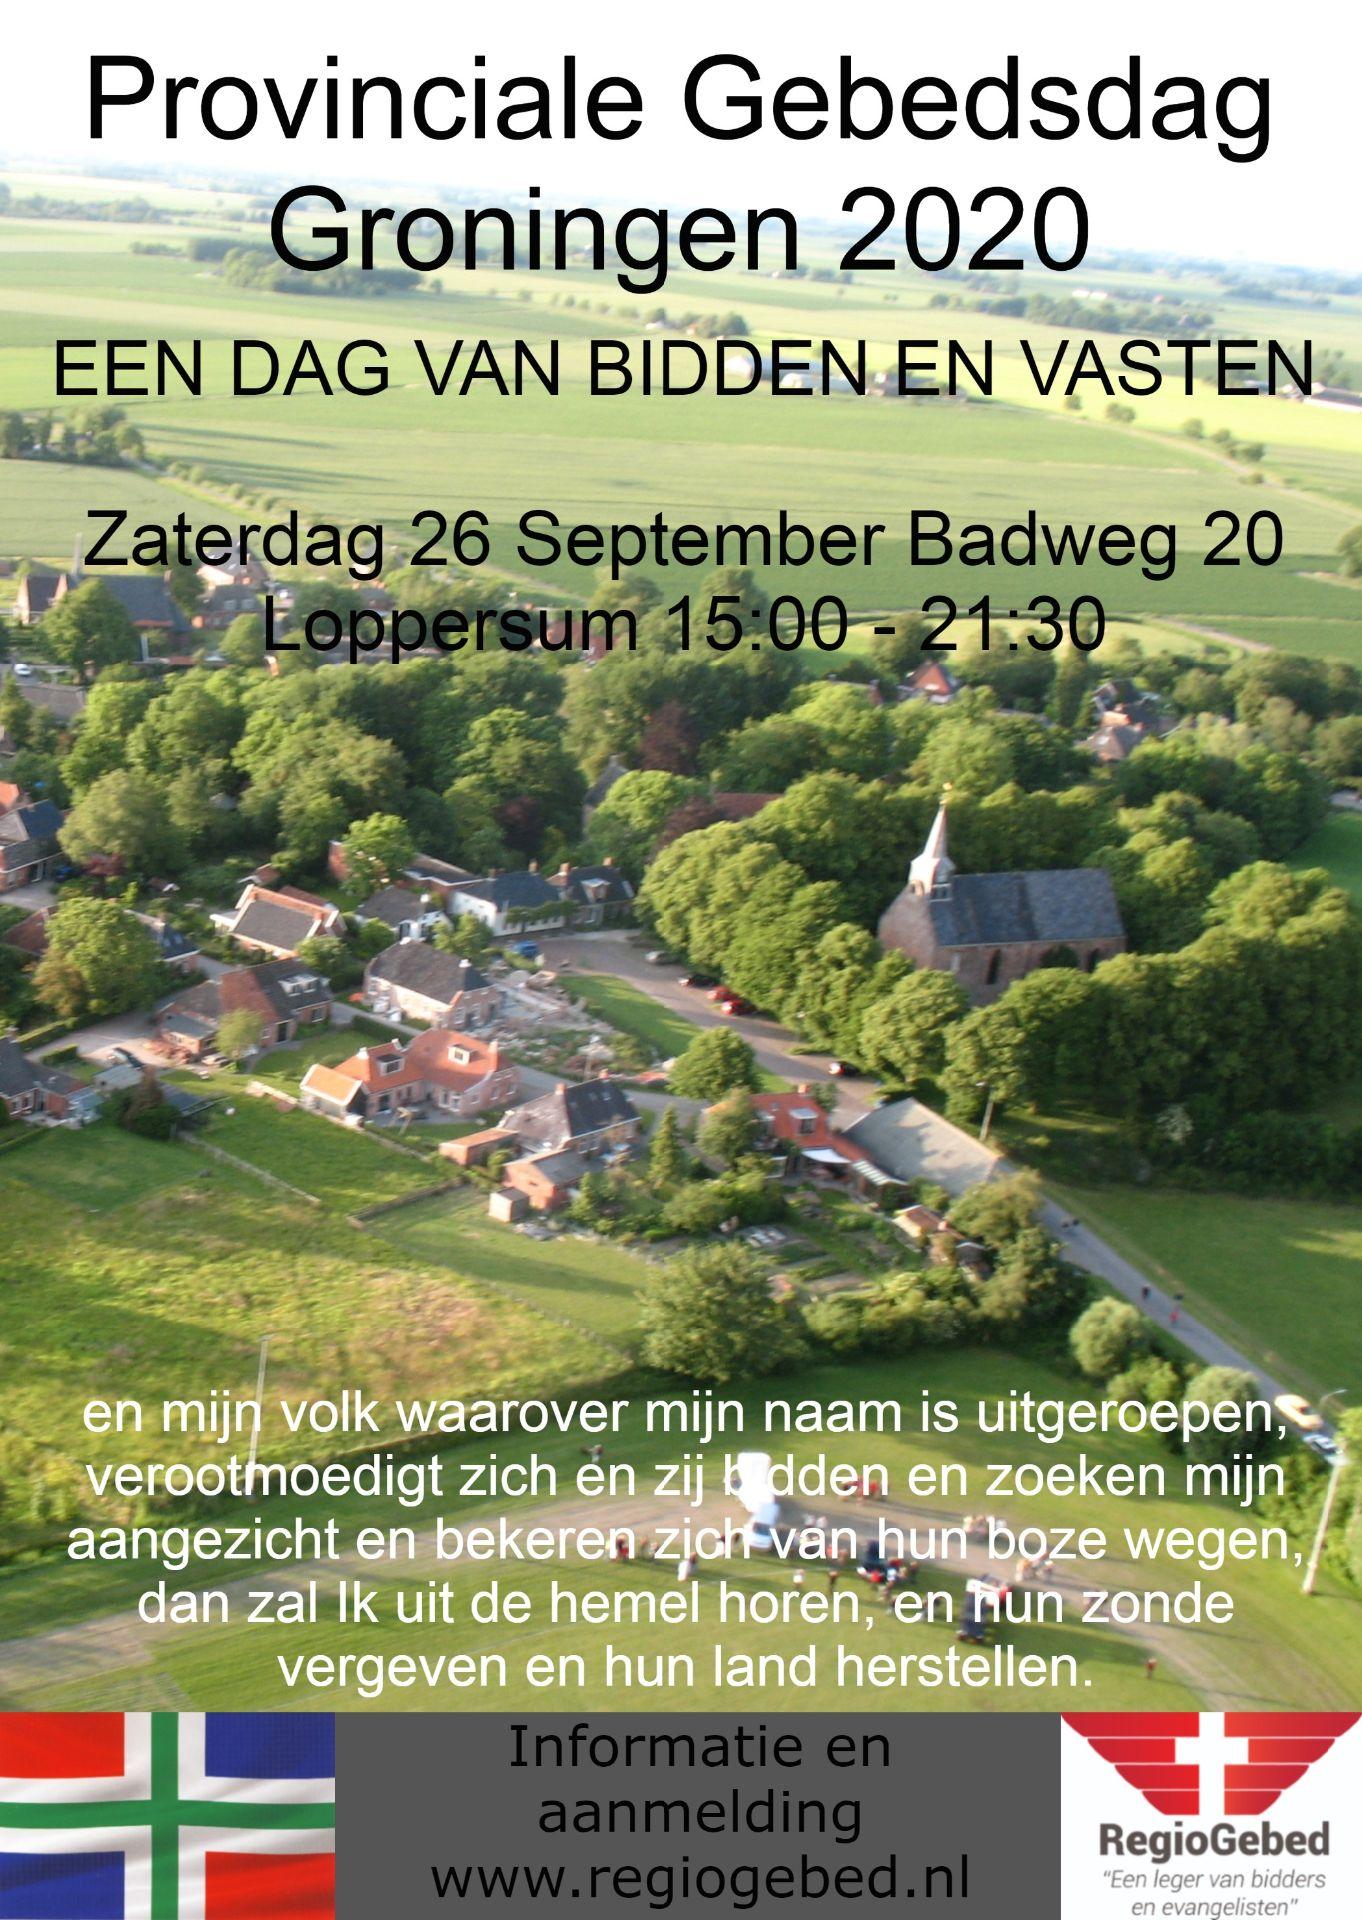 Provinciale Gebedsdag Groningen 2020